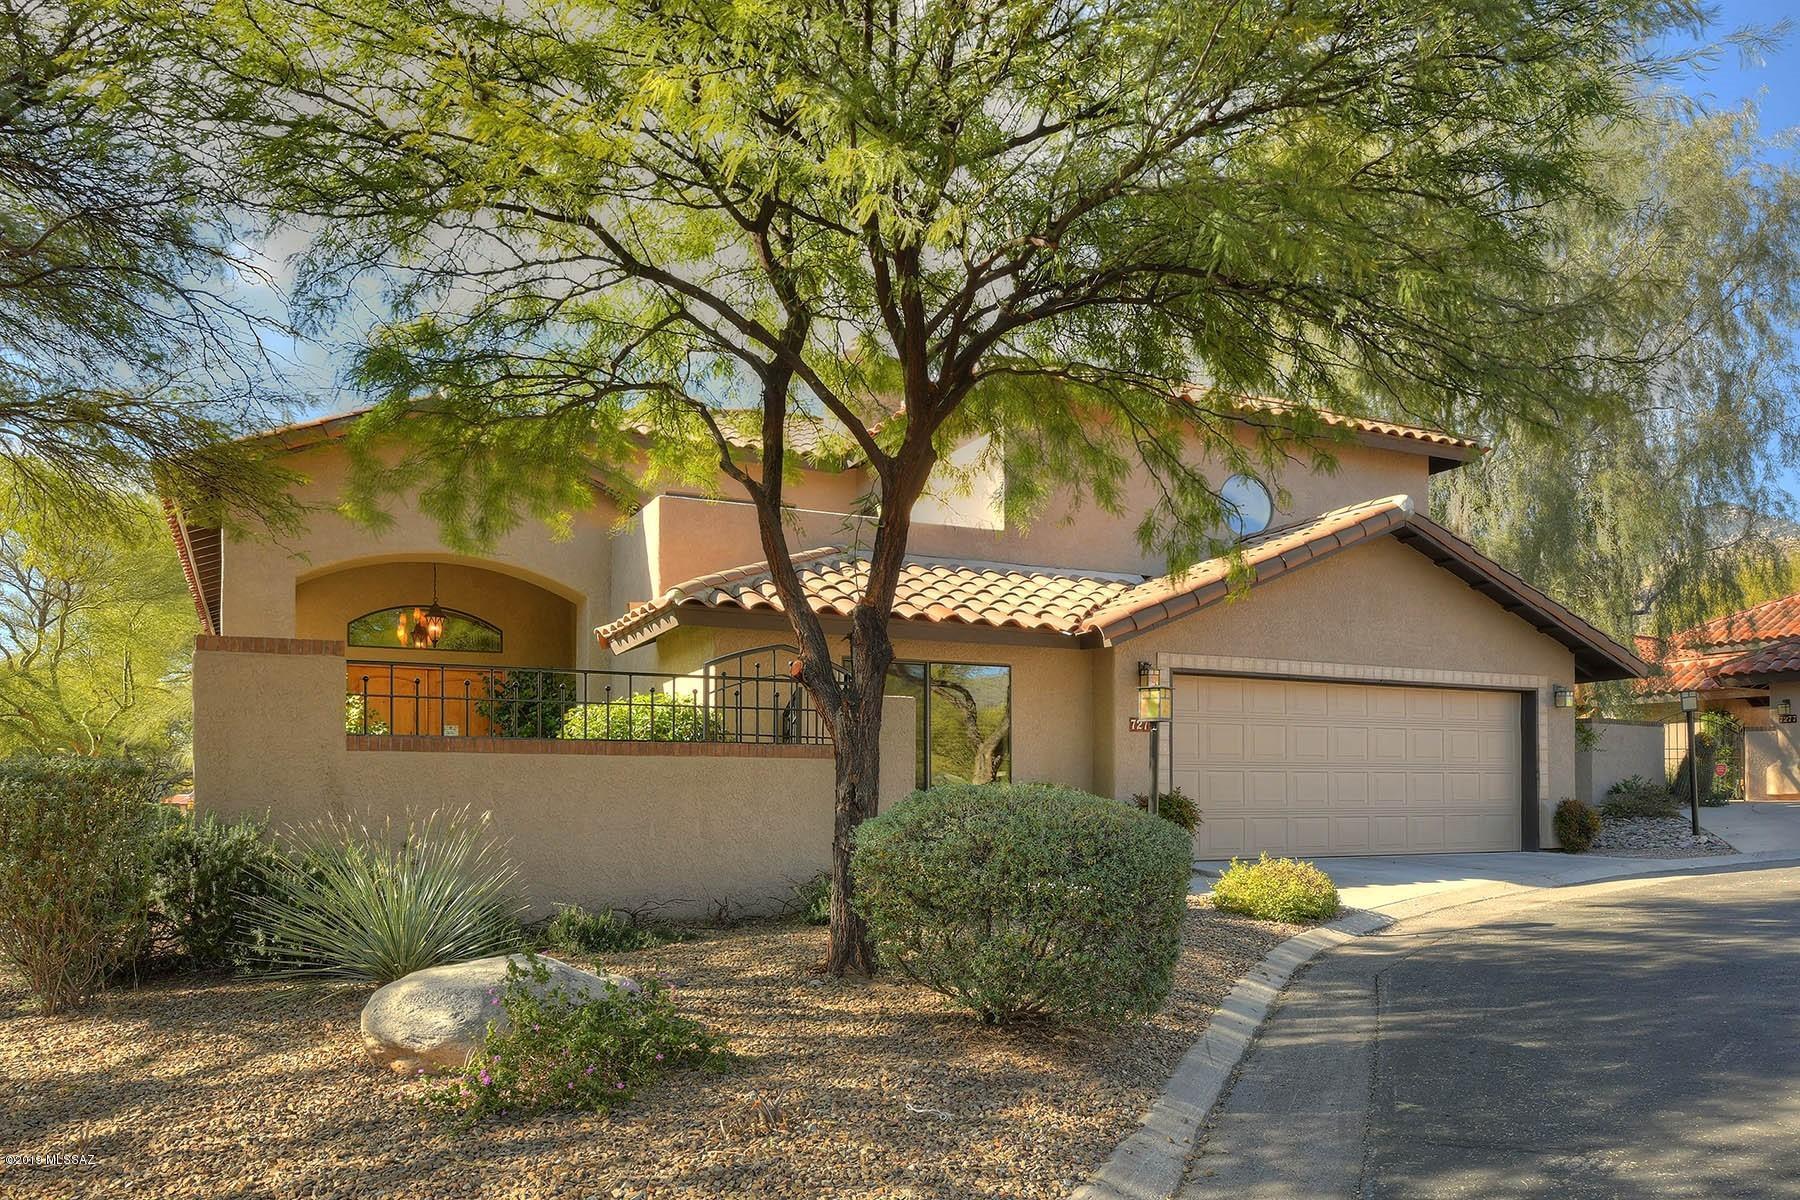 Photo of 7275 E Grey Fox Lane, Tucson, AZ 85750